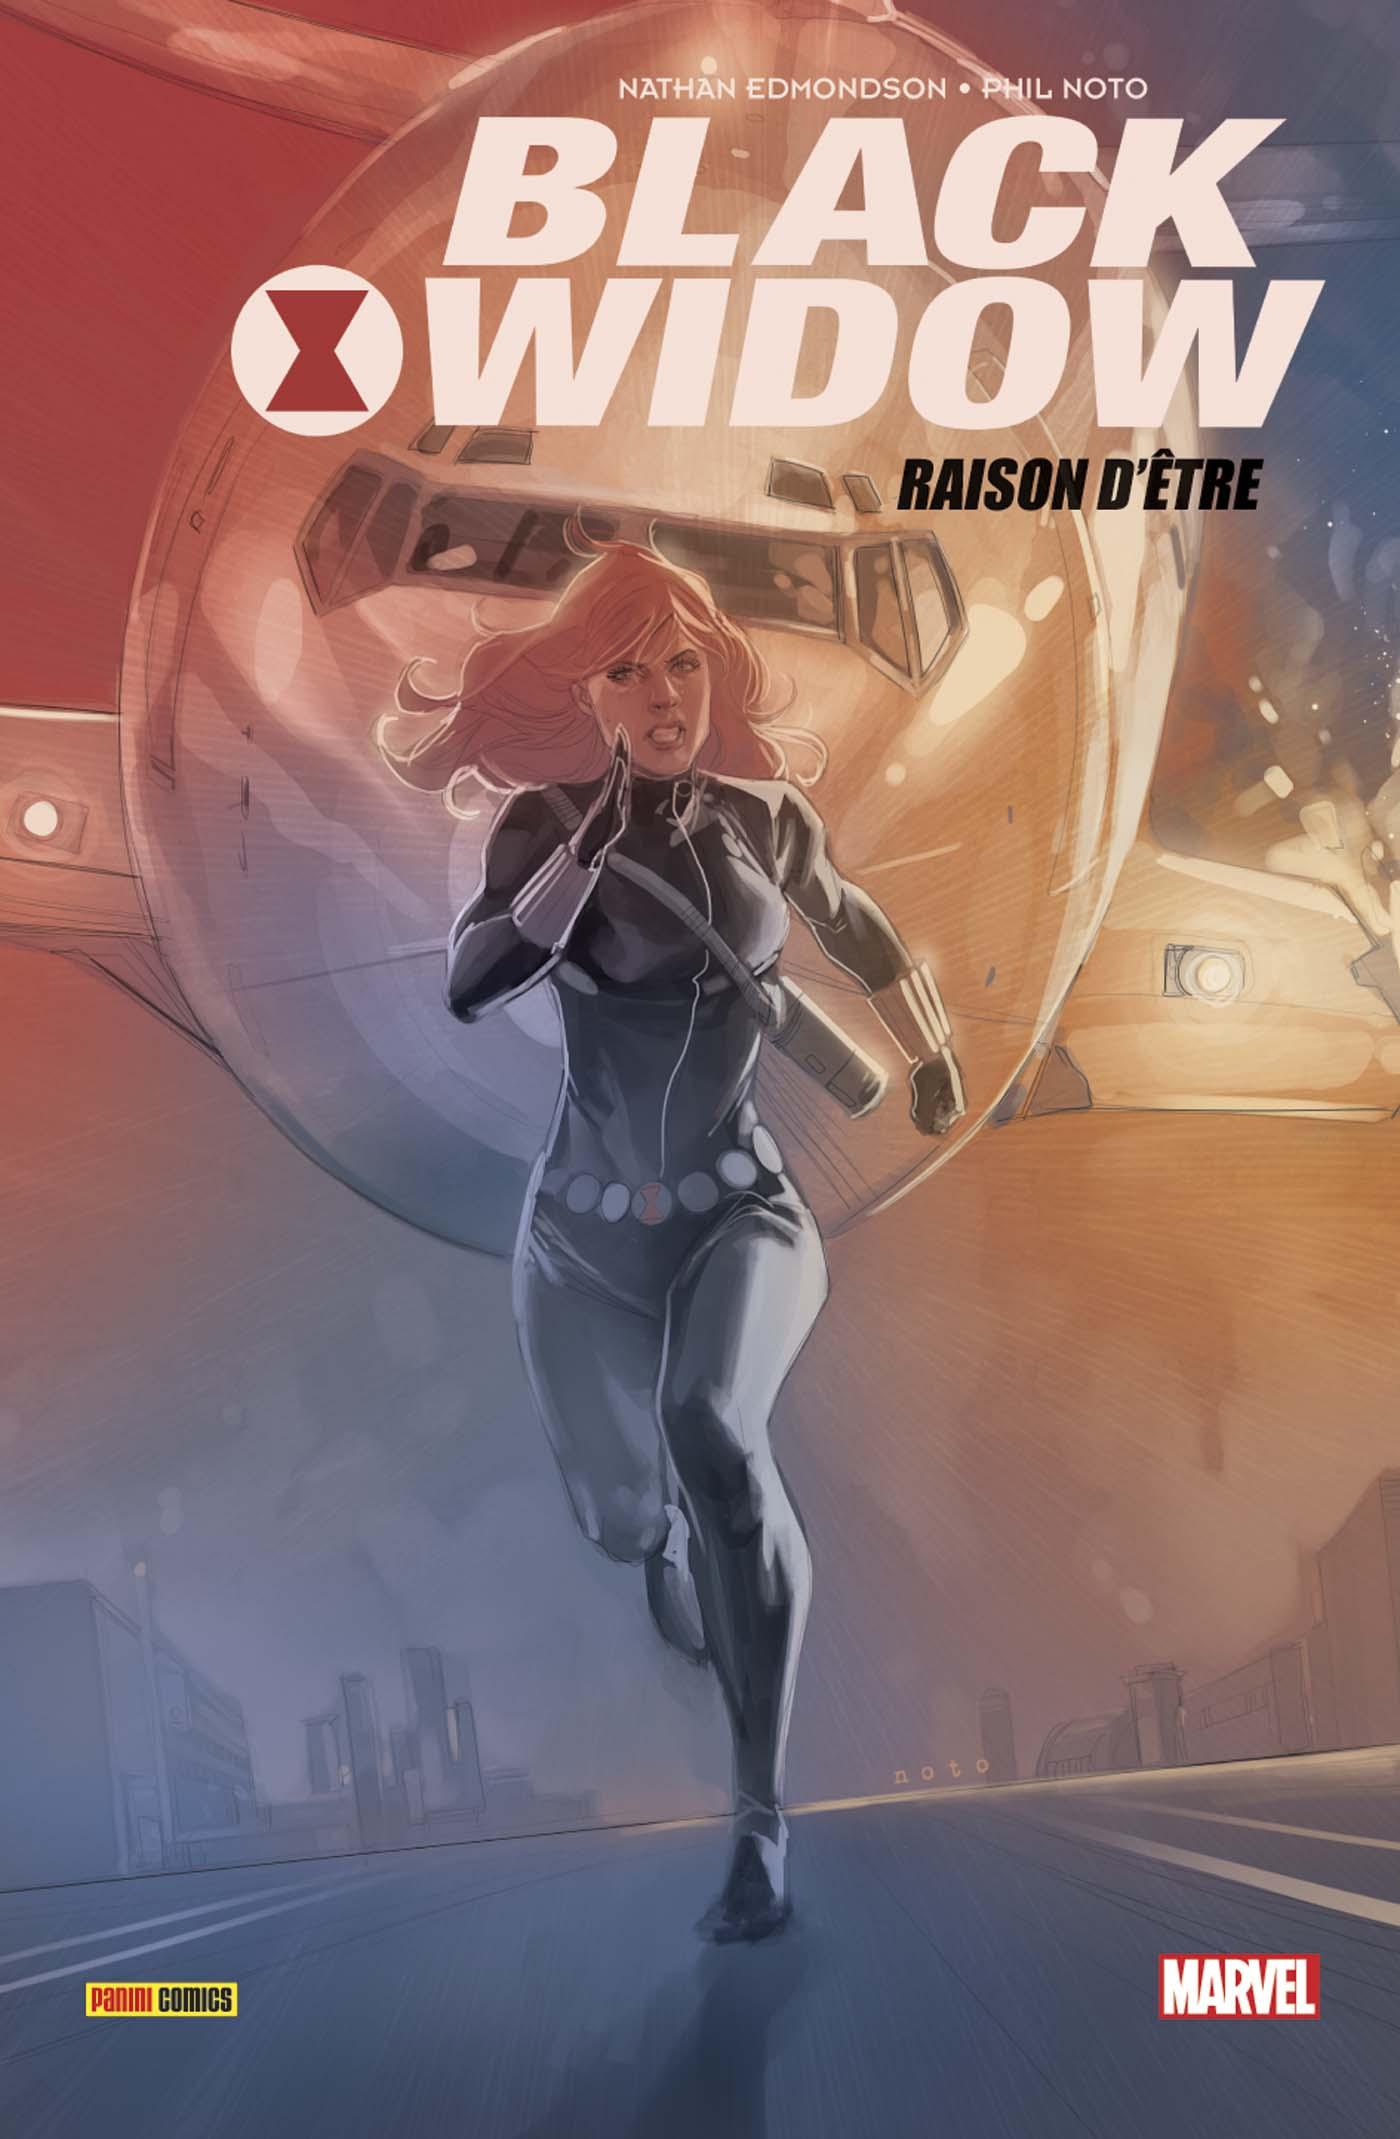 Black Widow 1 - Raison d'être